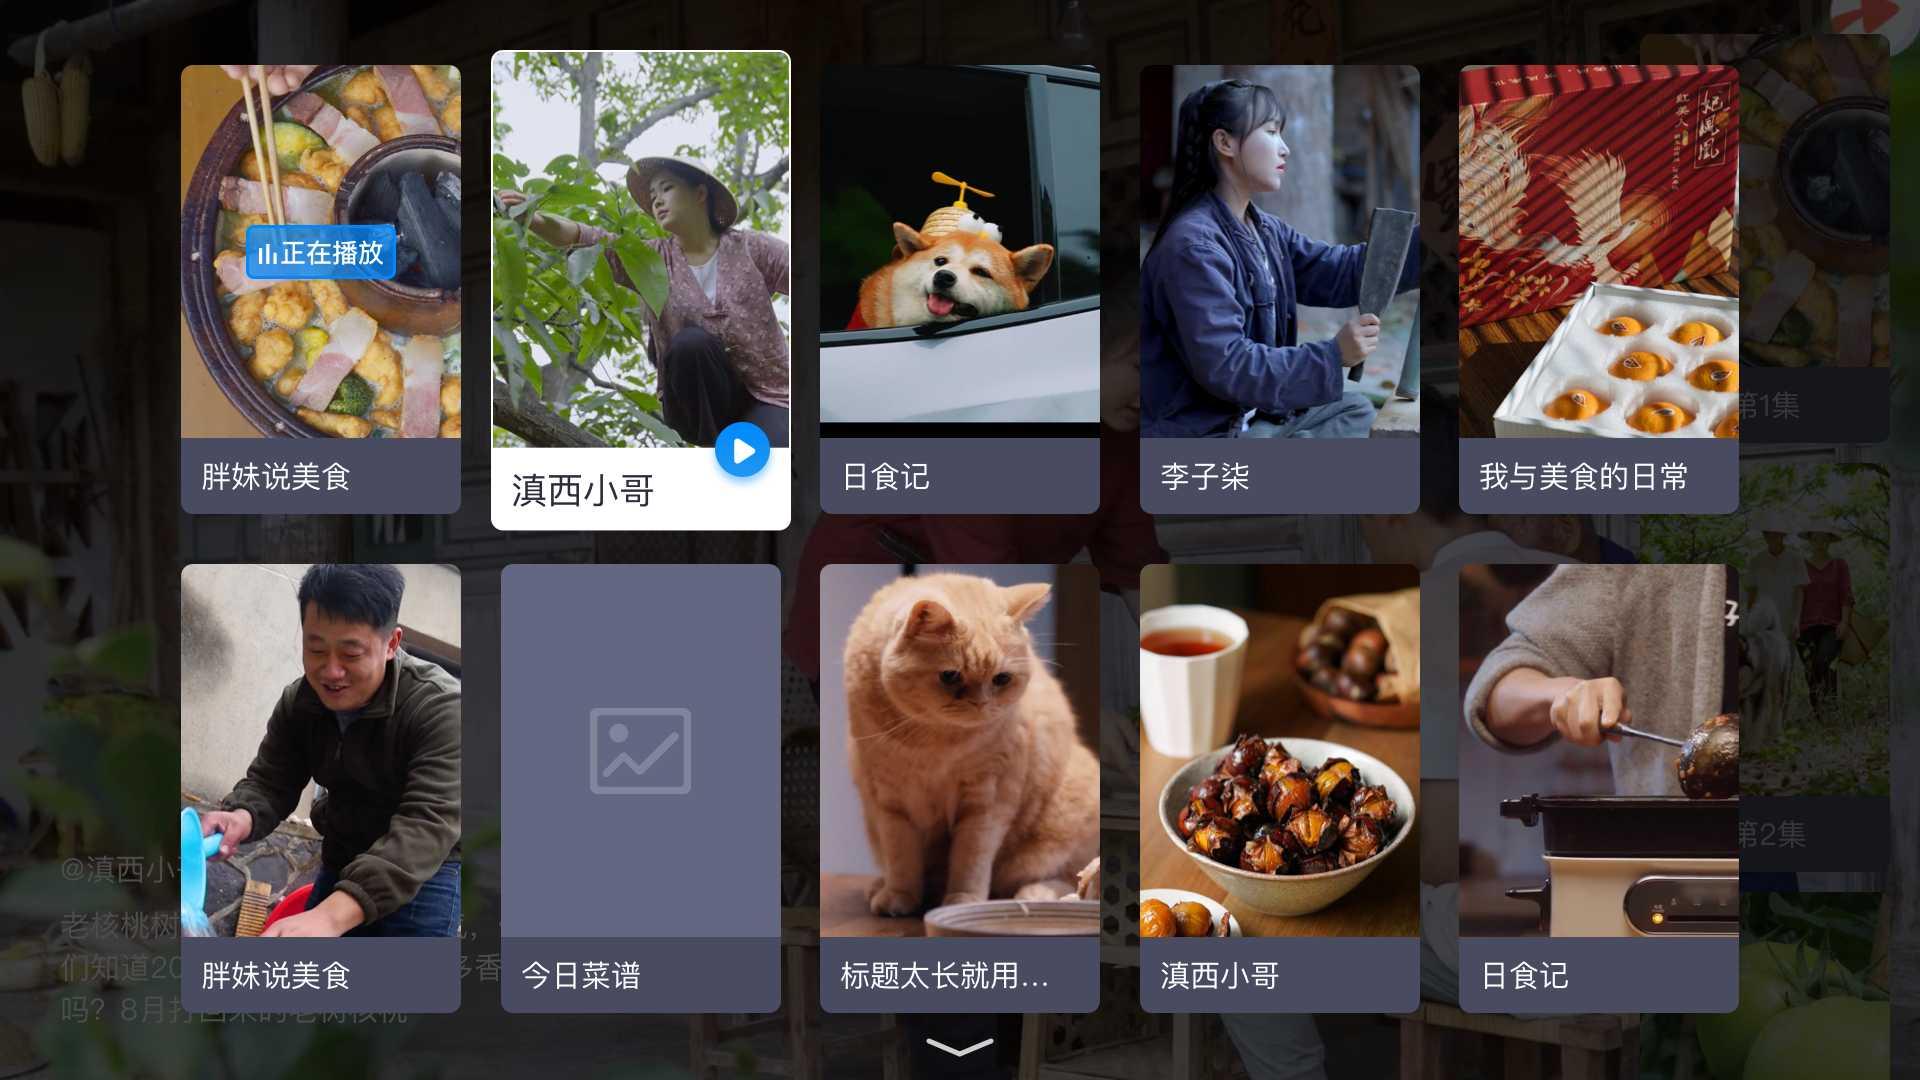 电视家tv版apk安装包 V3.0 安卓电视版截图1